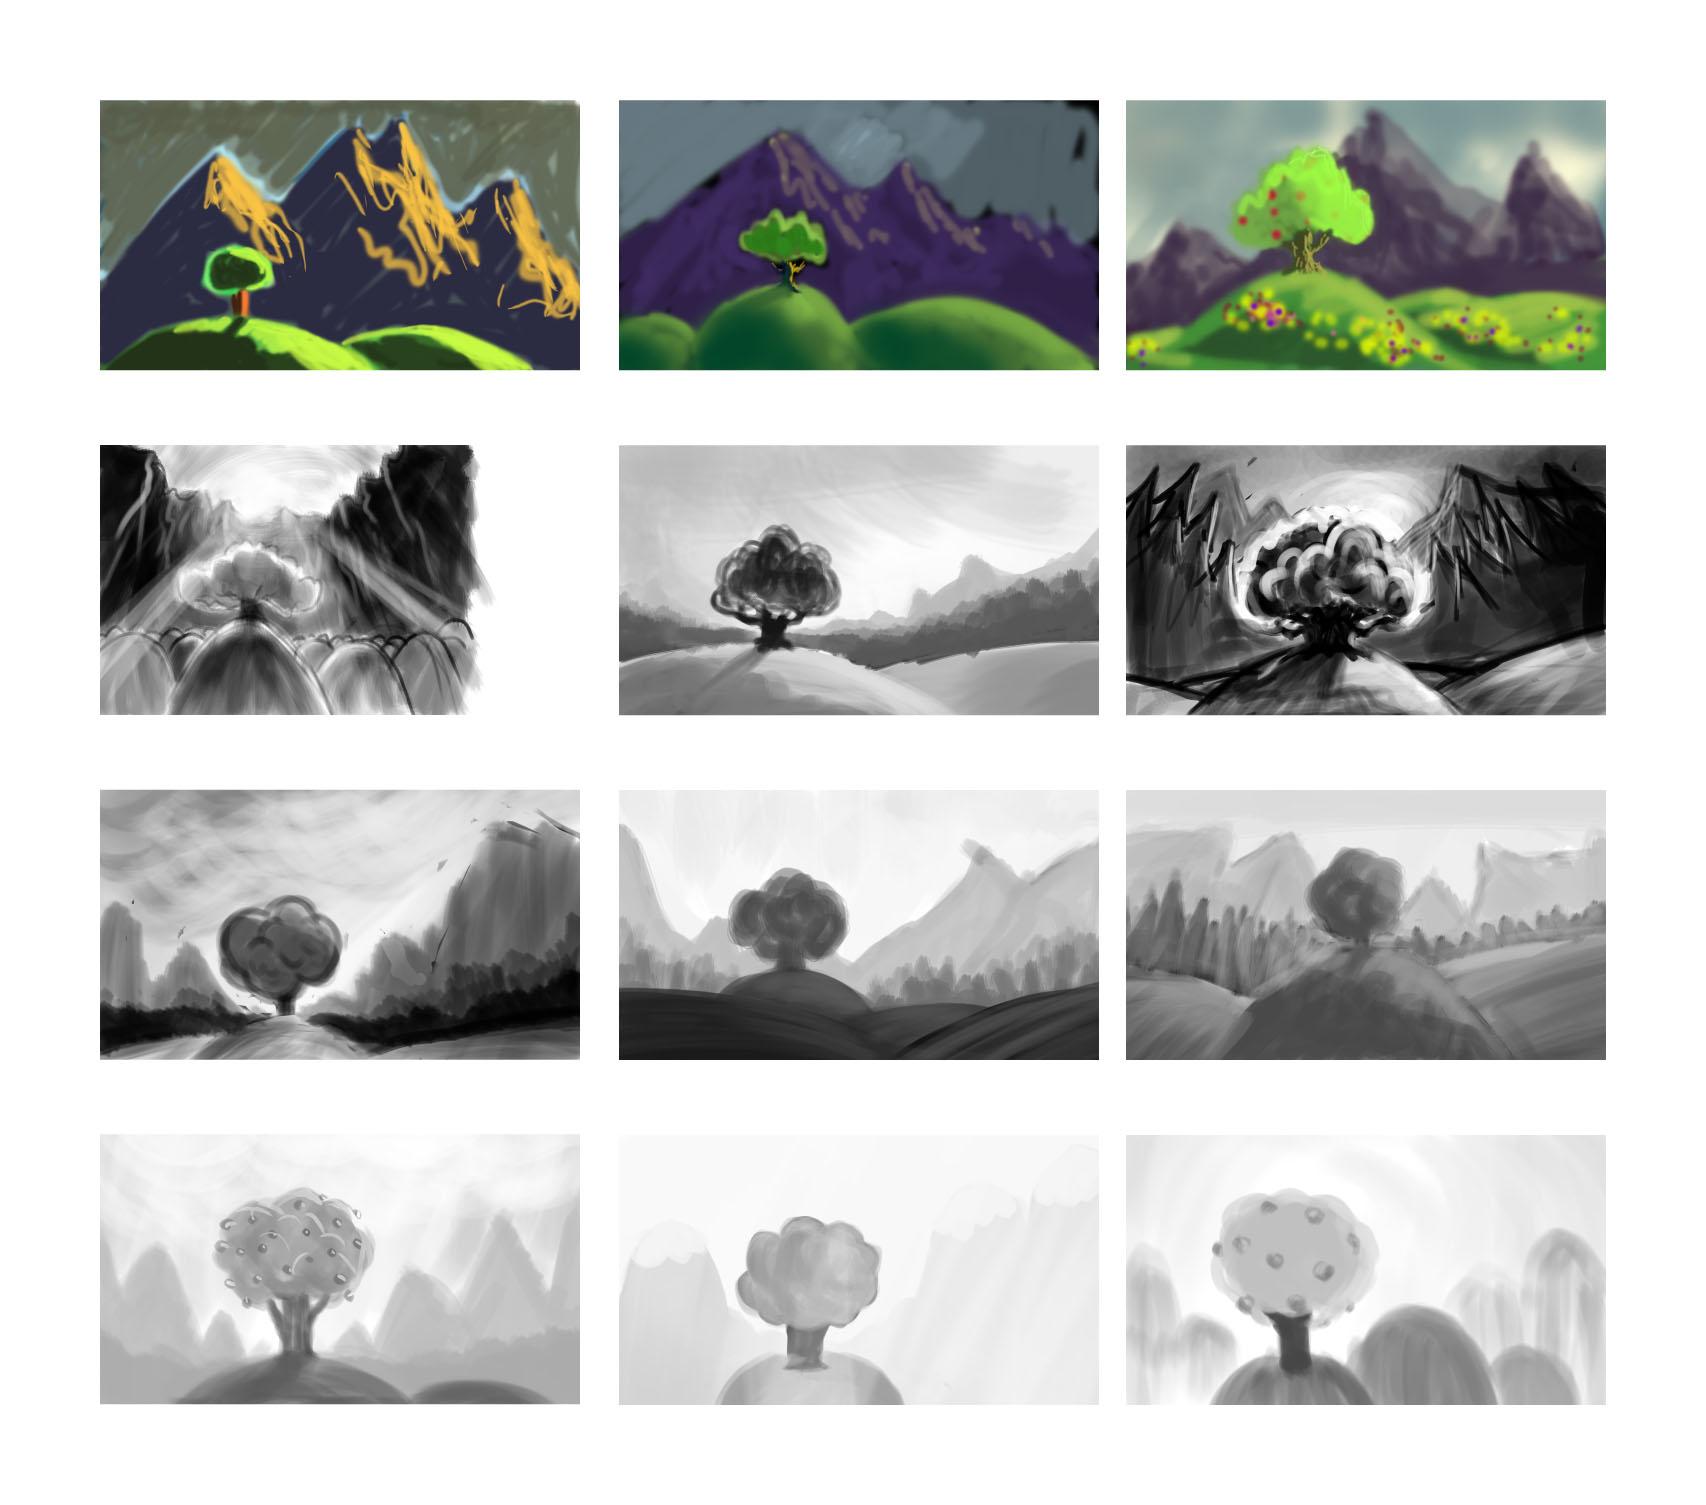 2009-02-23_background_thumbnails